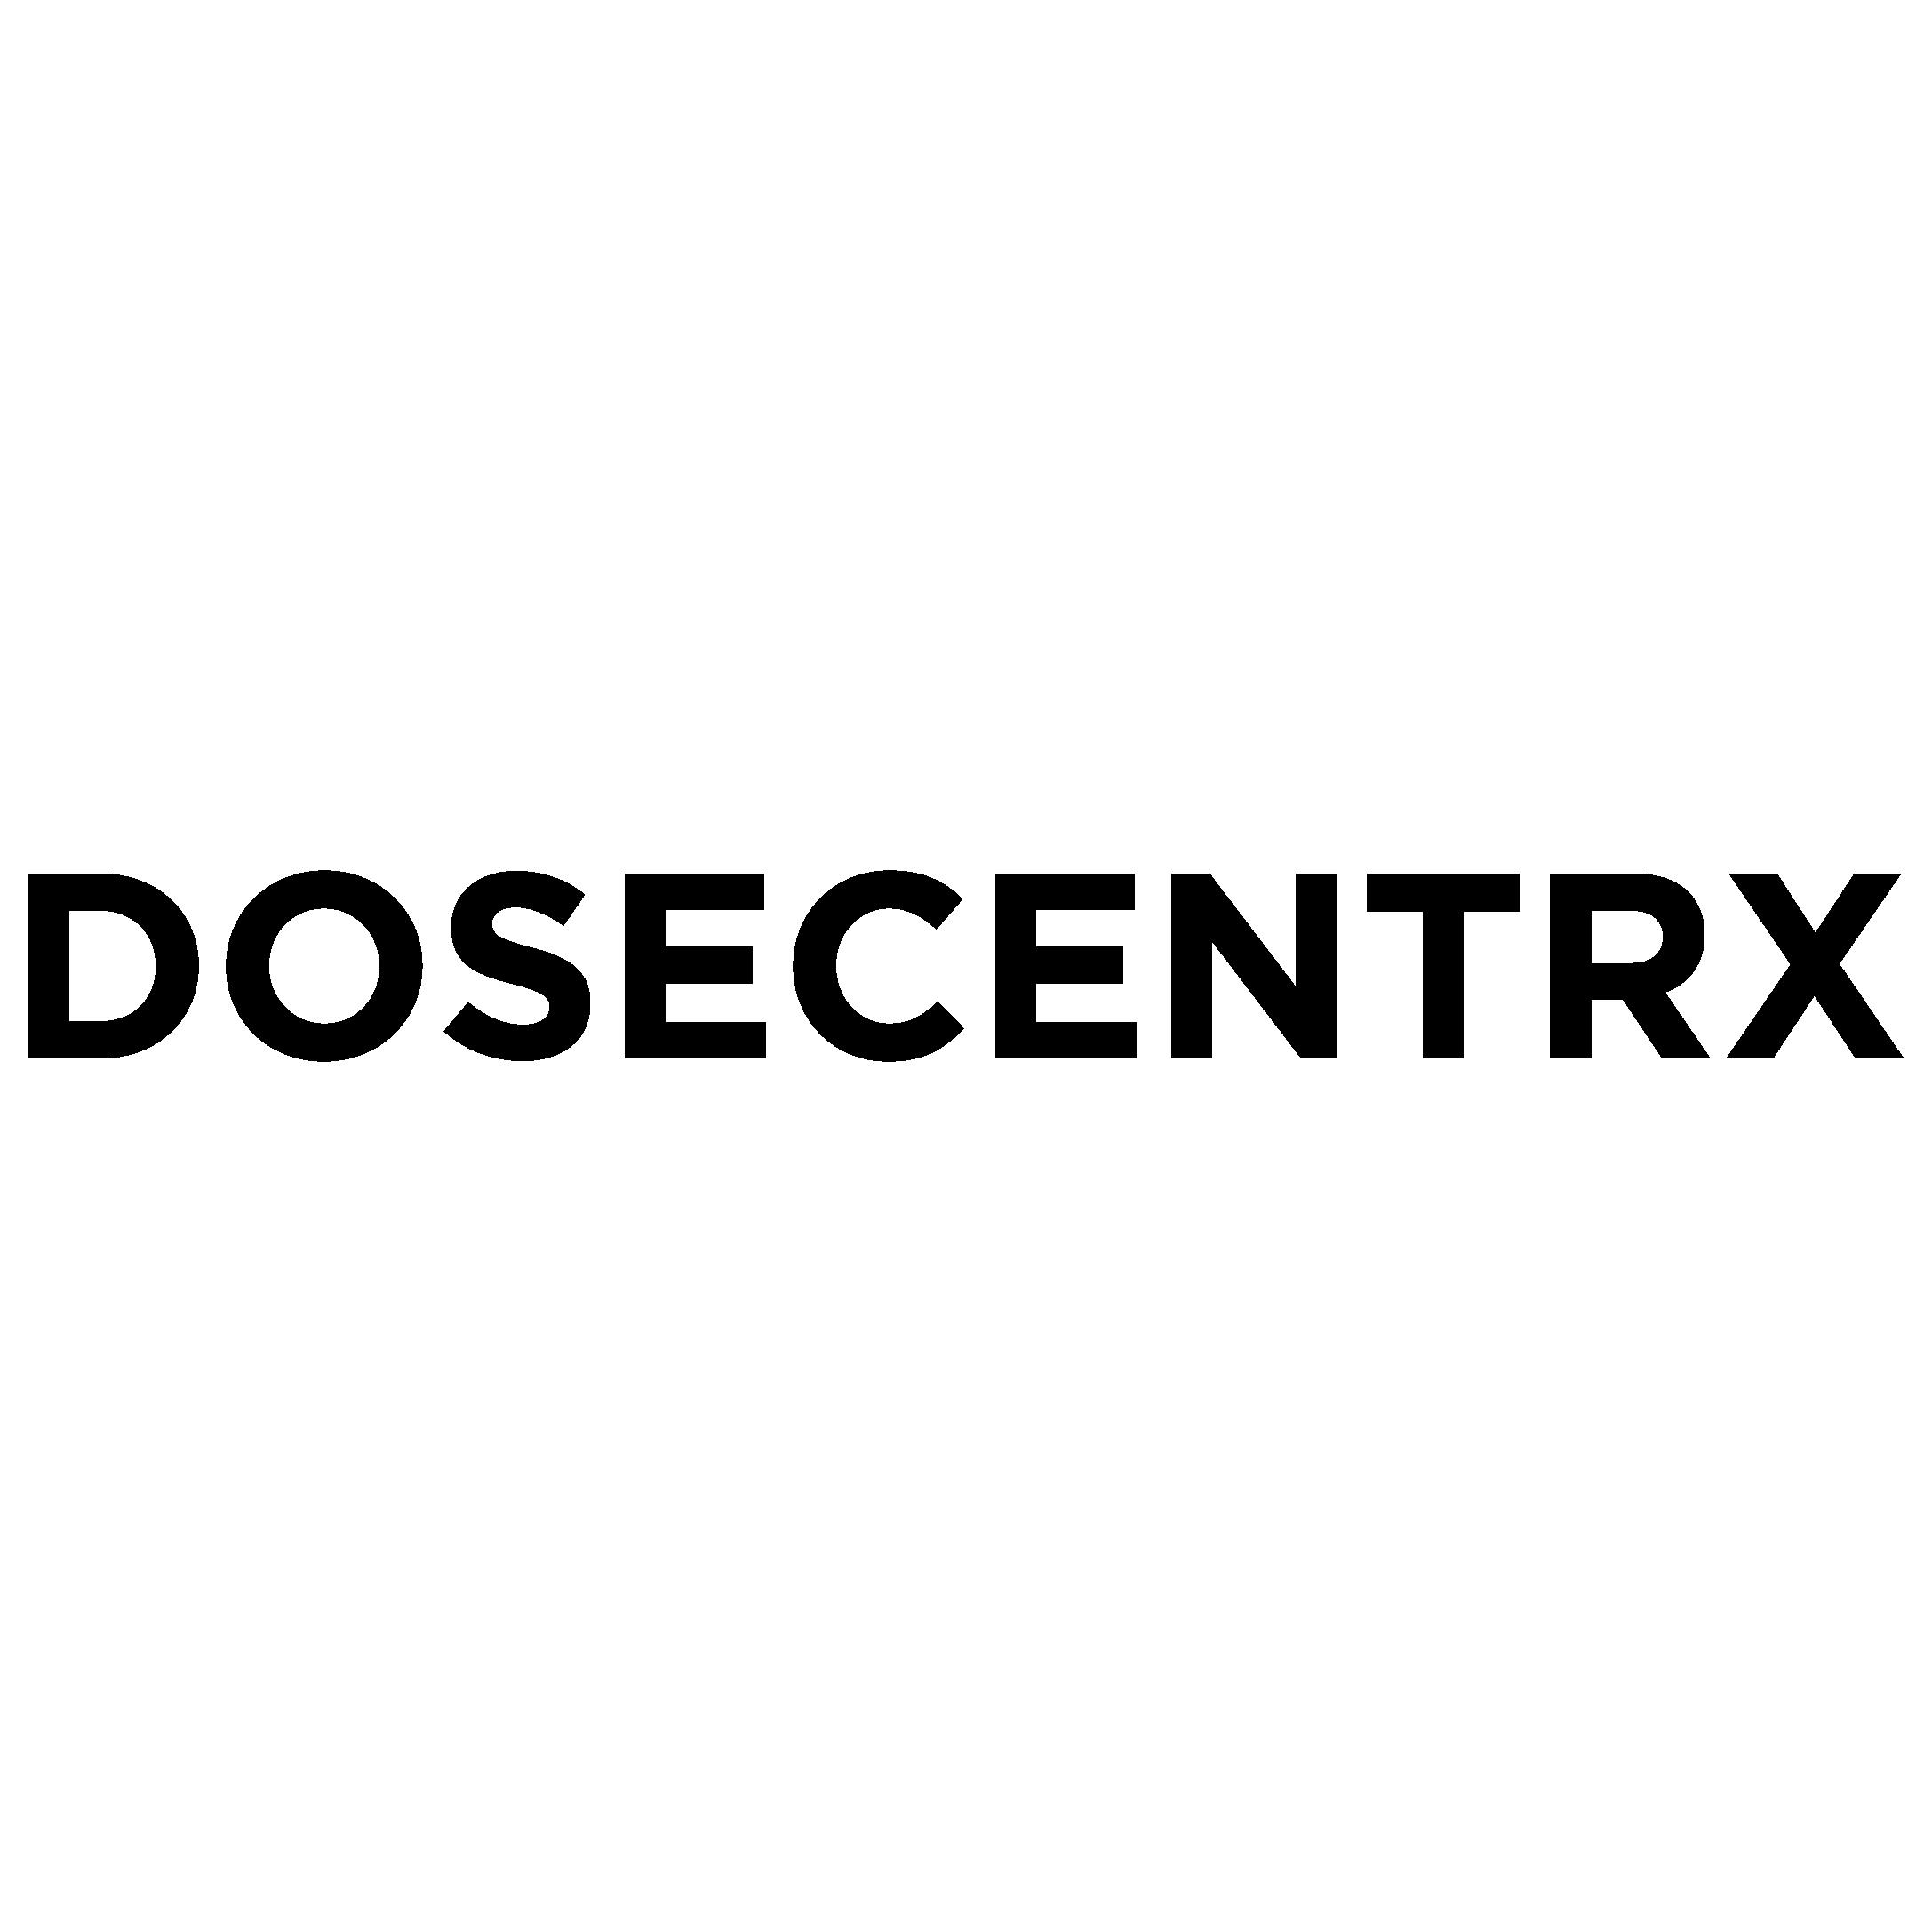 Baseline Clients Logo-Dosecentrx.png